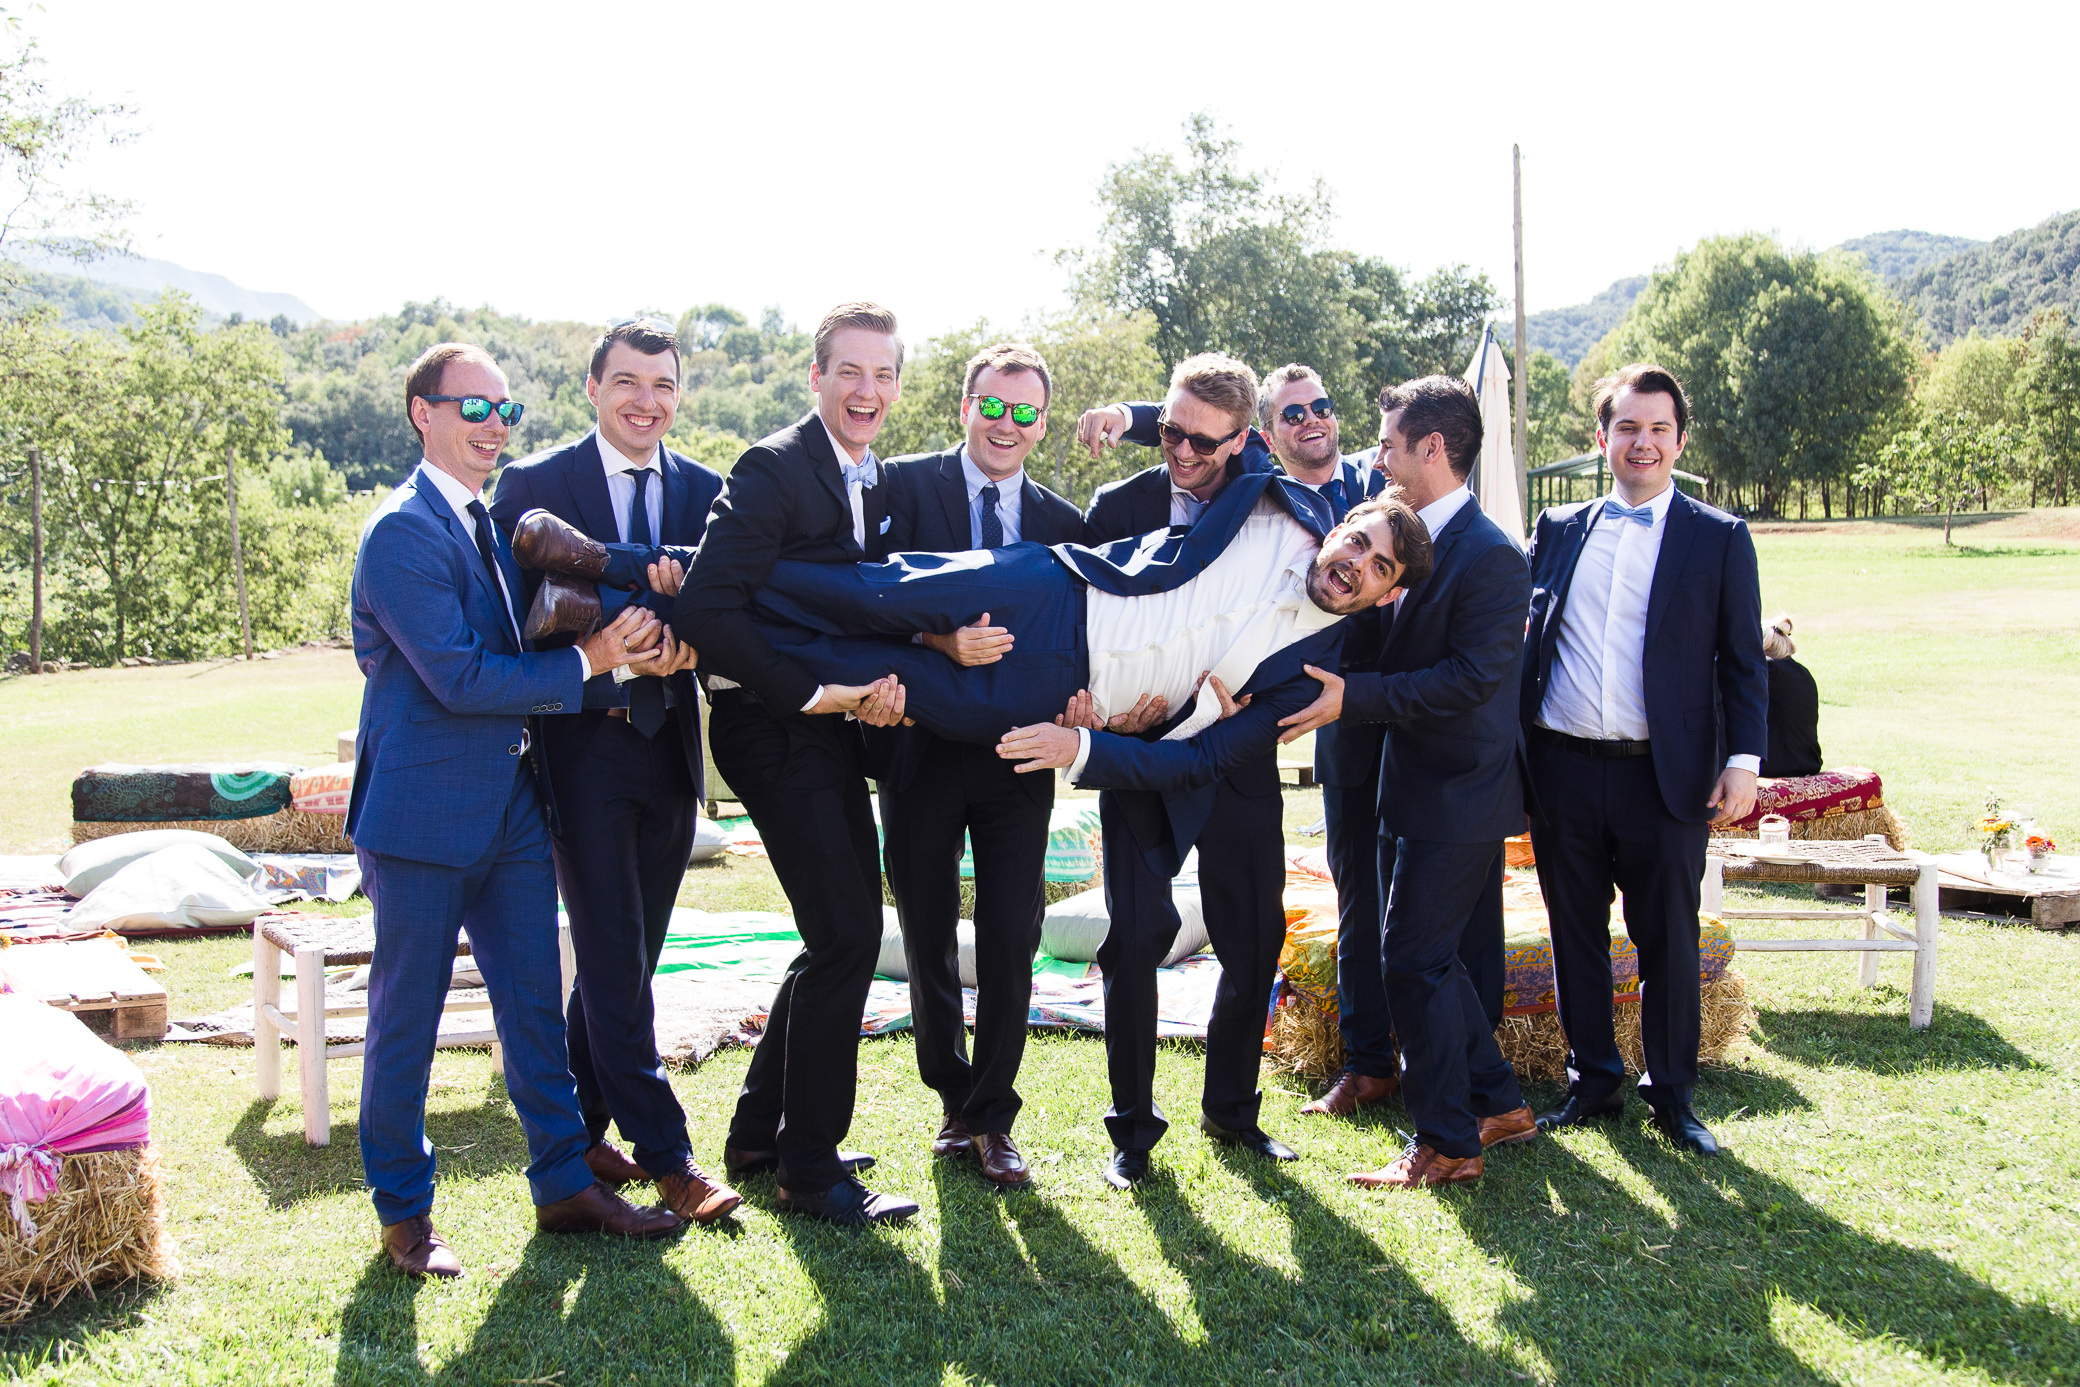 boda-olot-mas-can-batlle-destination-wedding-photografeel-28.jpg